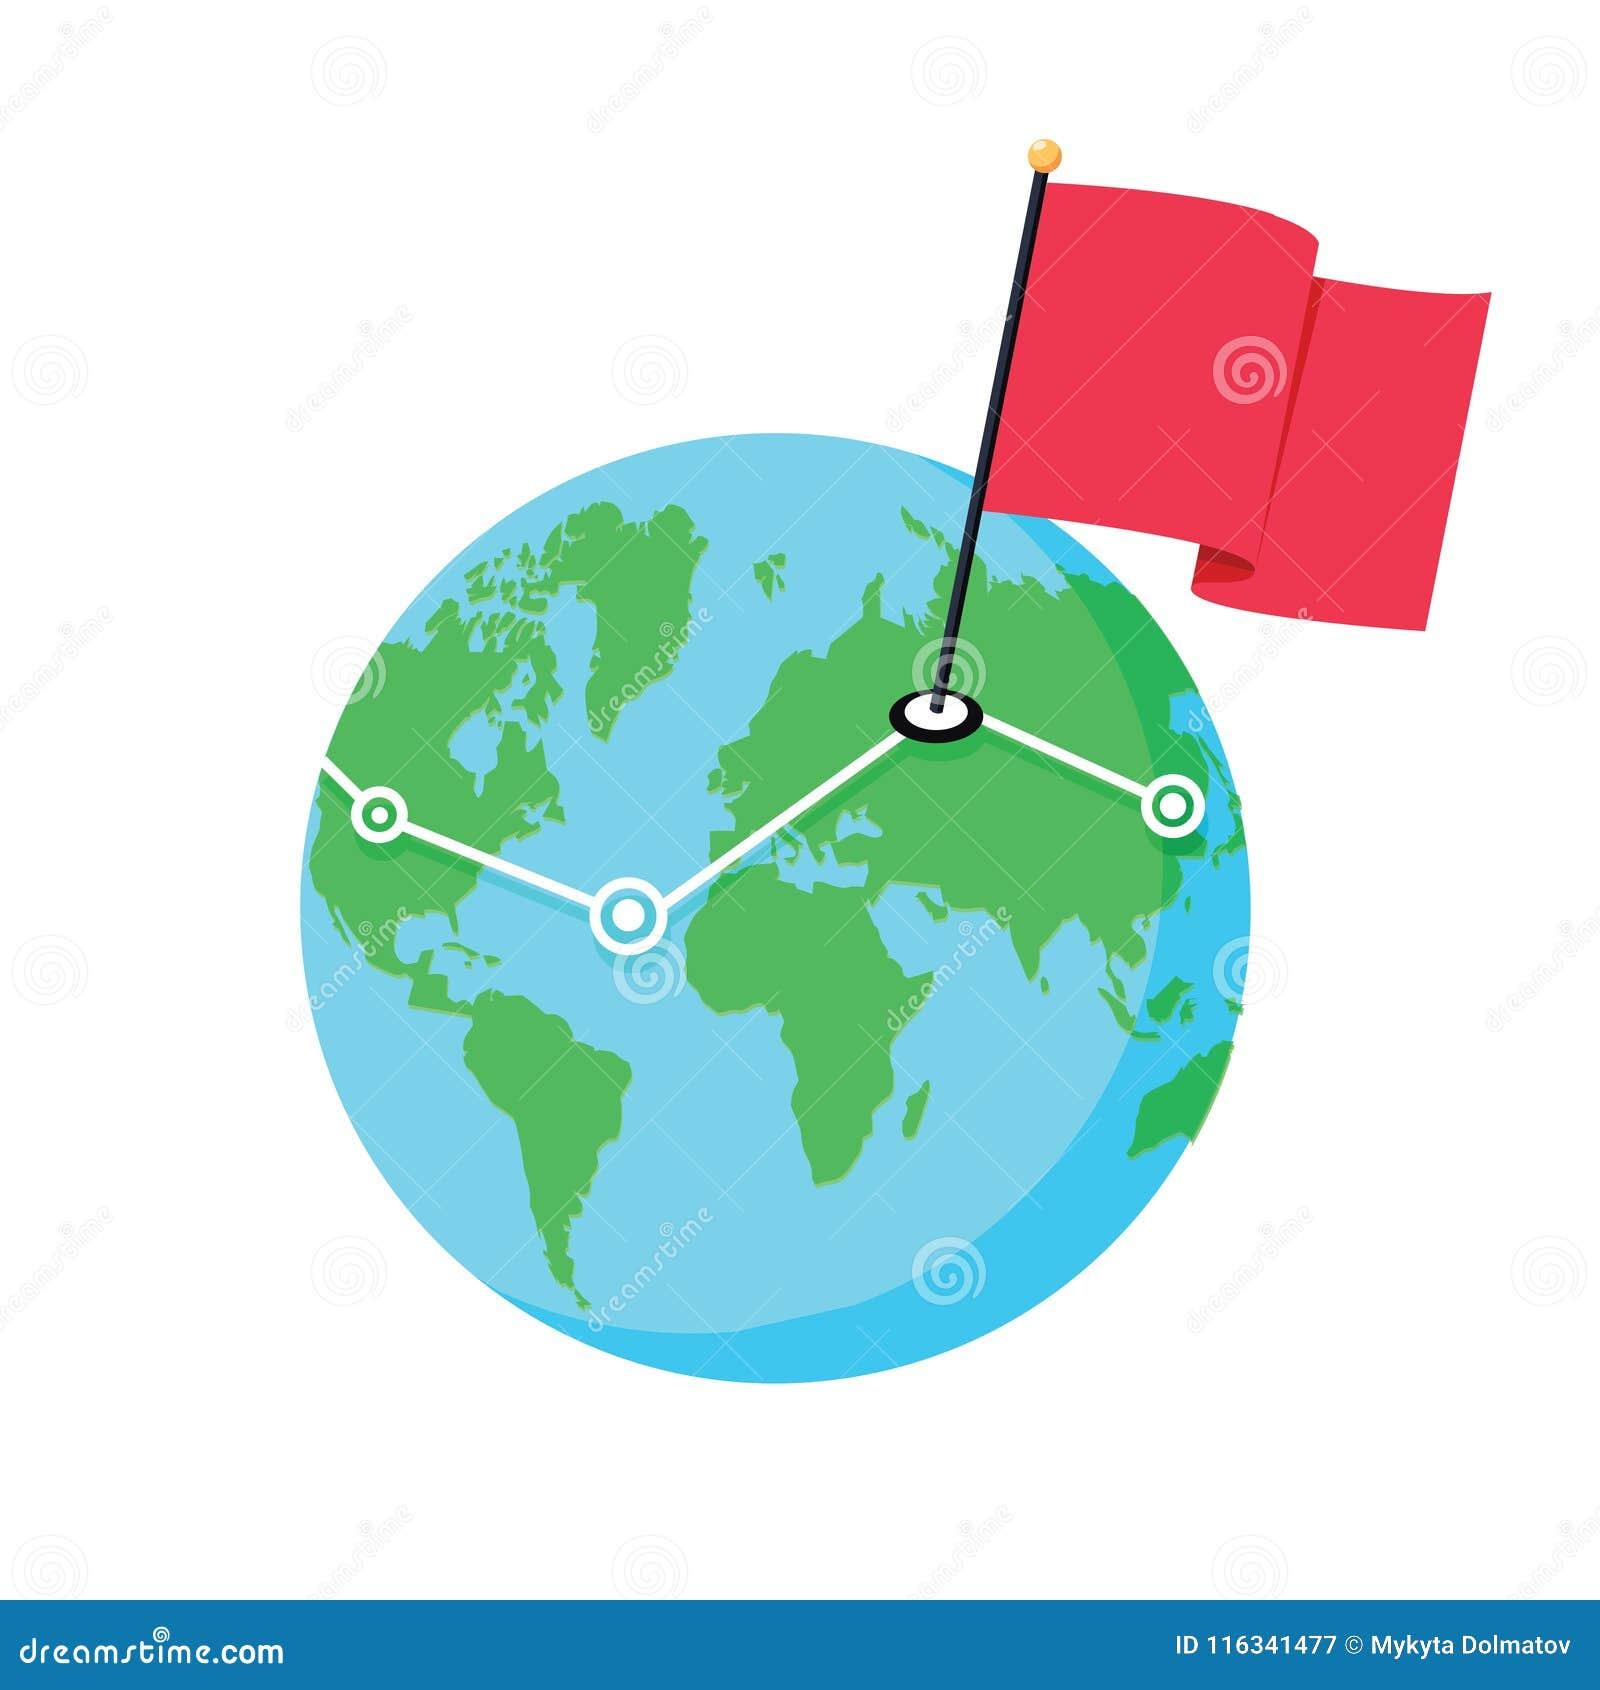 Karte Erde.Standorte Auf Der Karte Der Erde Geo Positionen Netz Globale